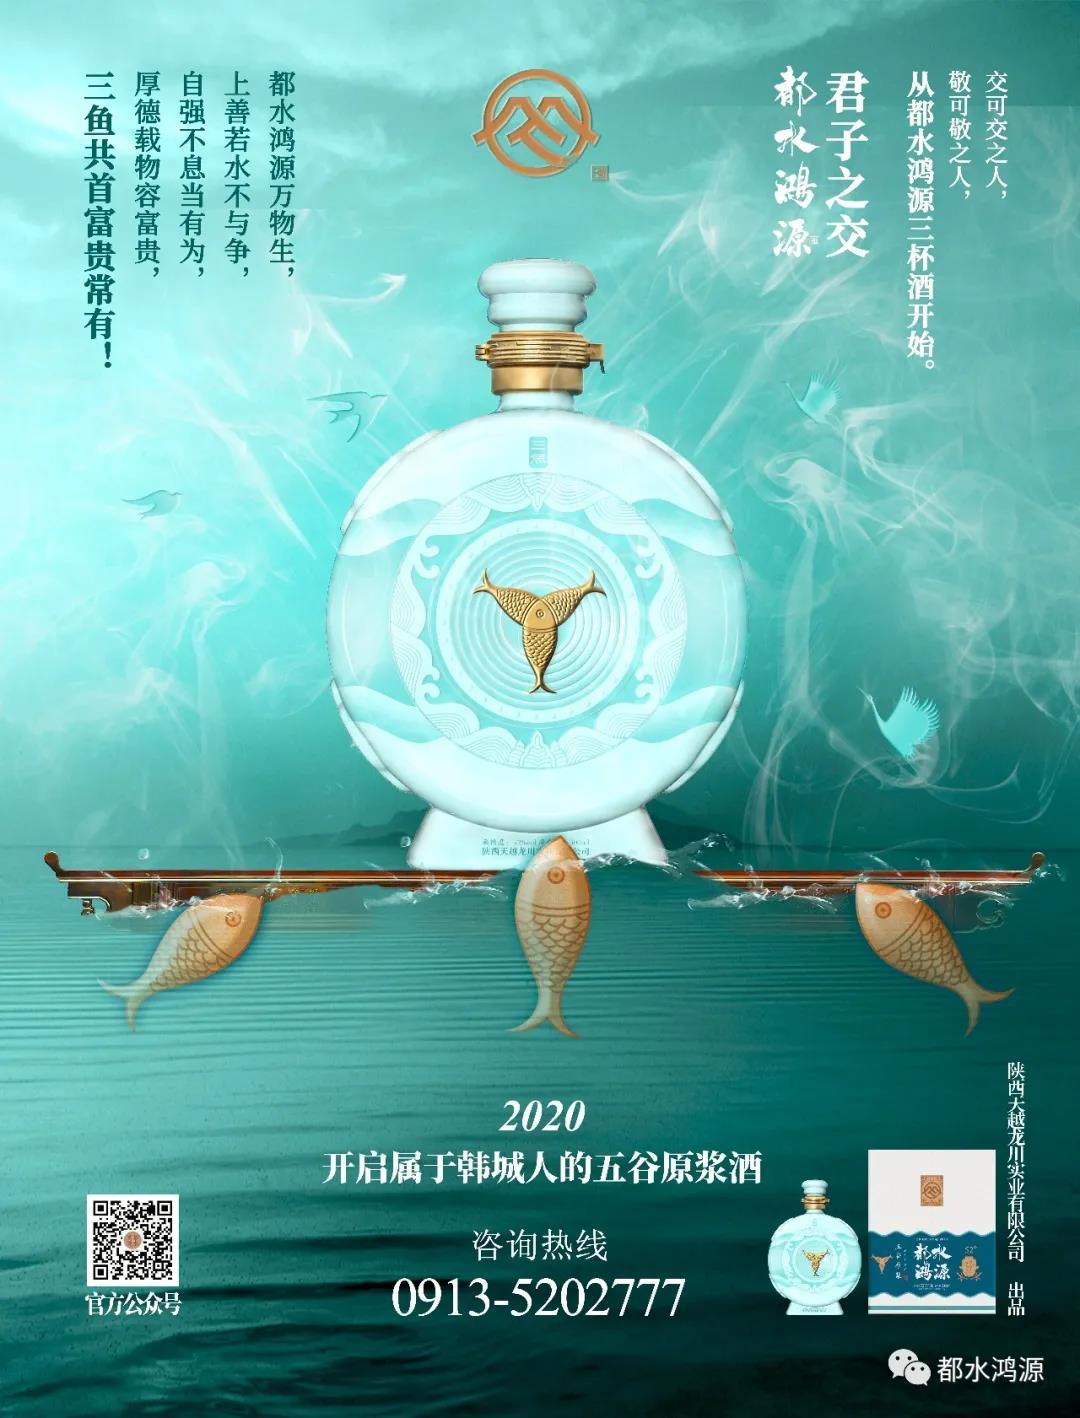 【都水鸿源】开启属于韩城人的五谷原浆酒